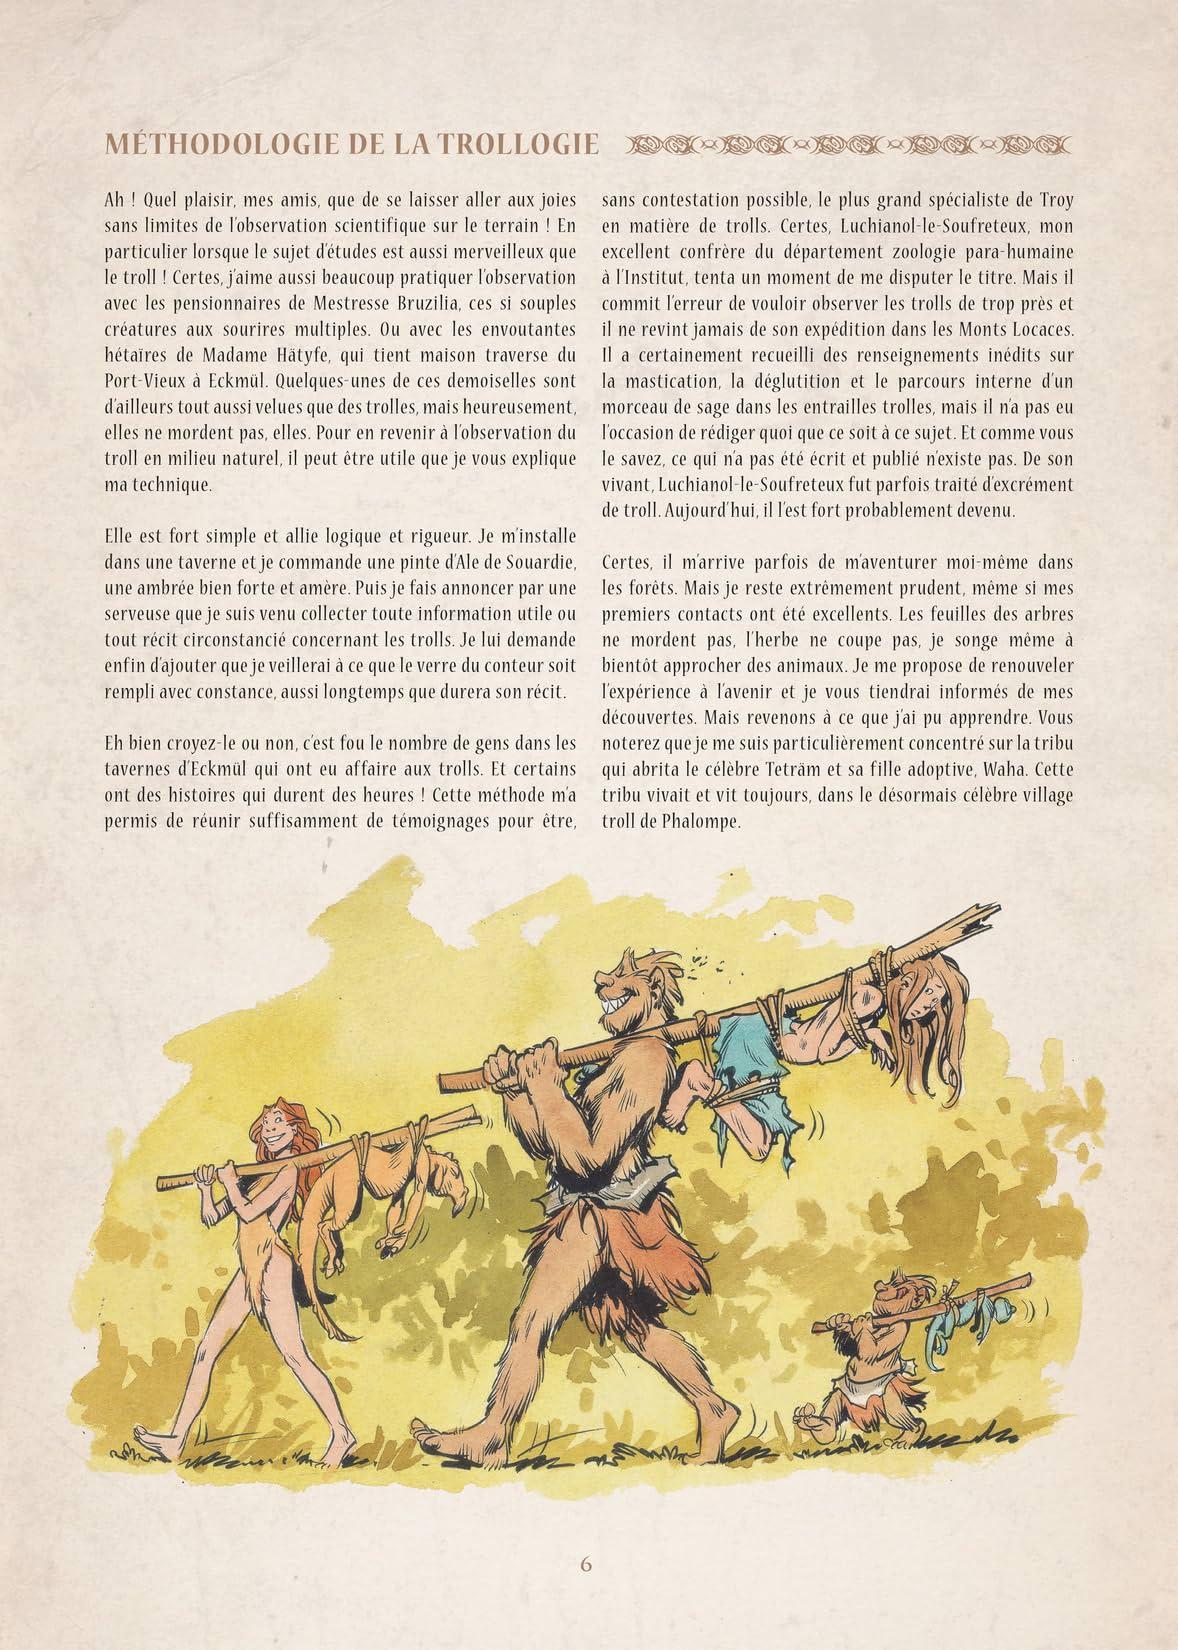 Encyclopédie Anarchique du Monde de Troy Vol. 2: Les Trolls